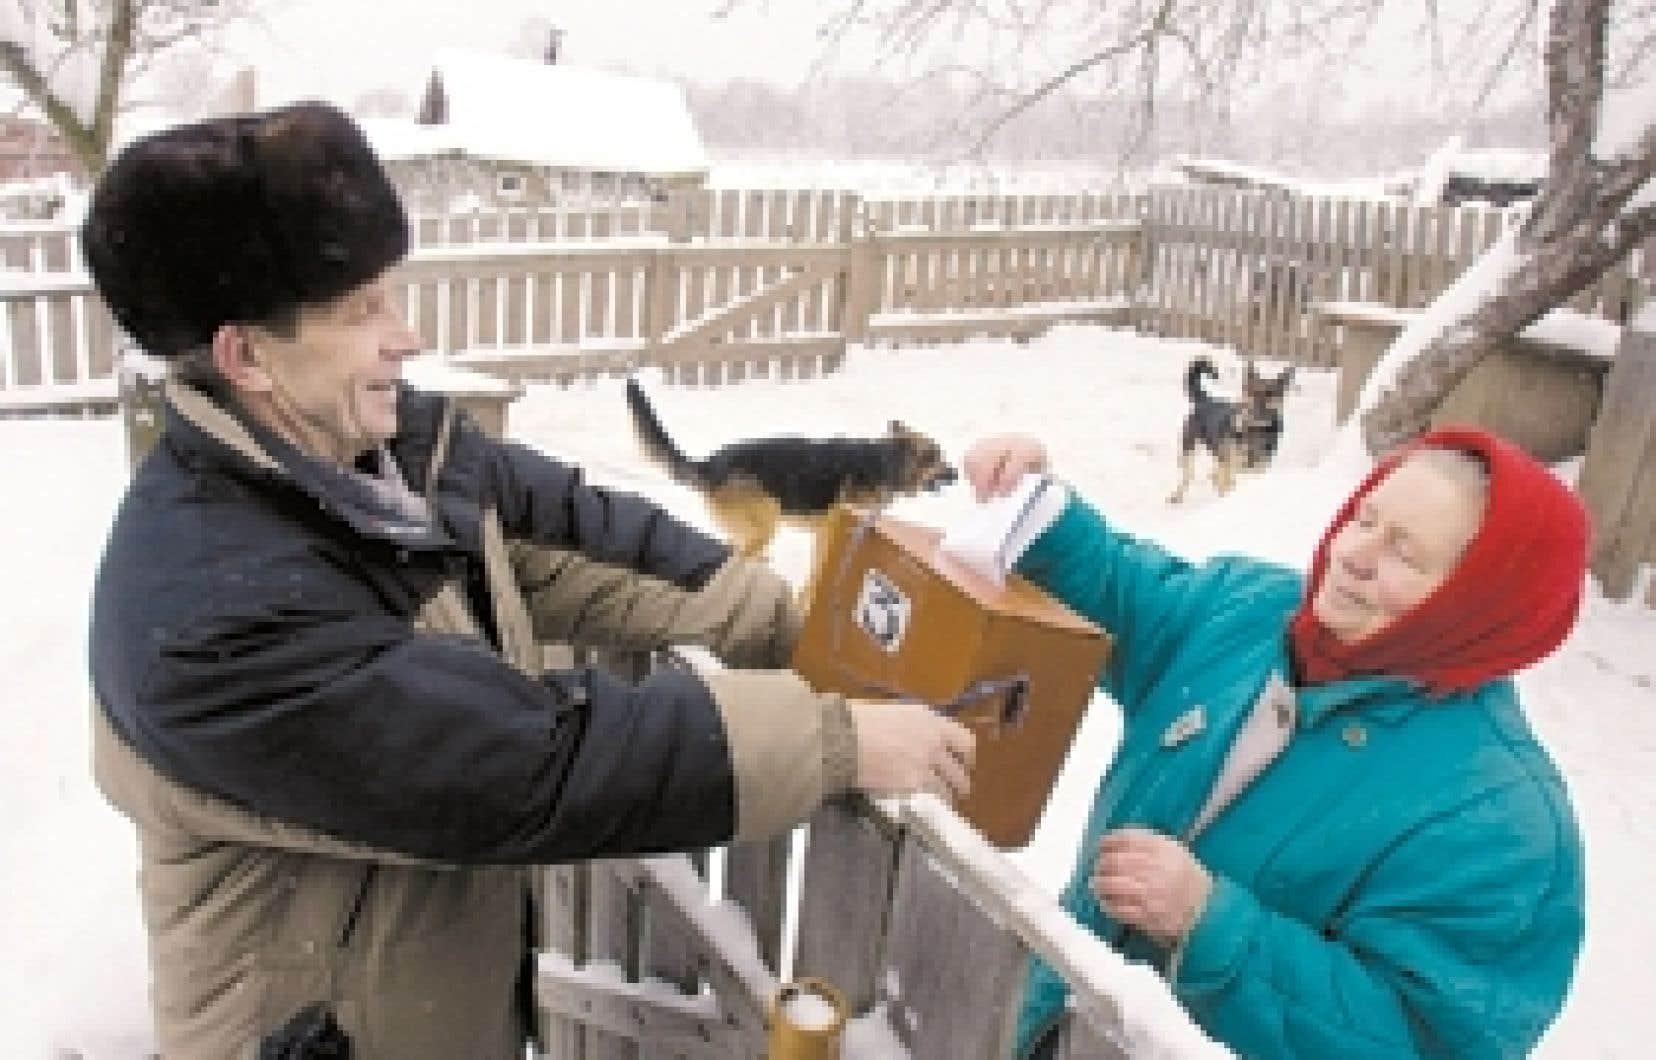 Une femme exerçait son droit de vote à Glazunovo, à quelque 300 km à l'ouest de Moscou, à l'occasion des élections législatives d'hier.